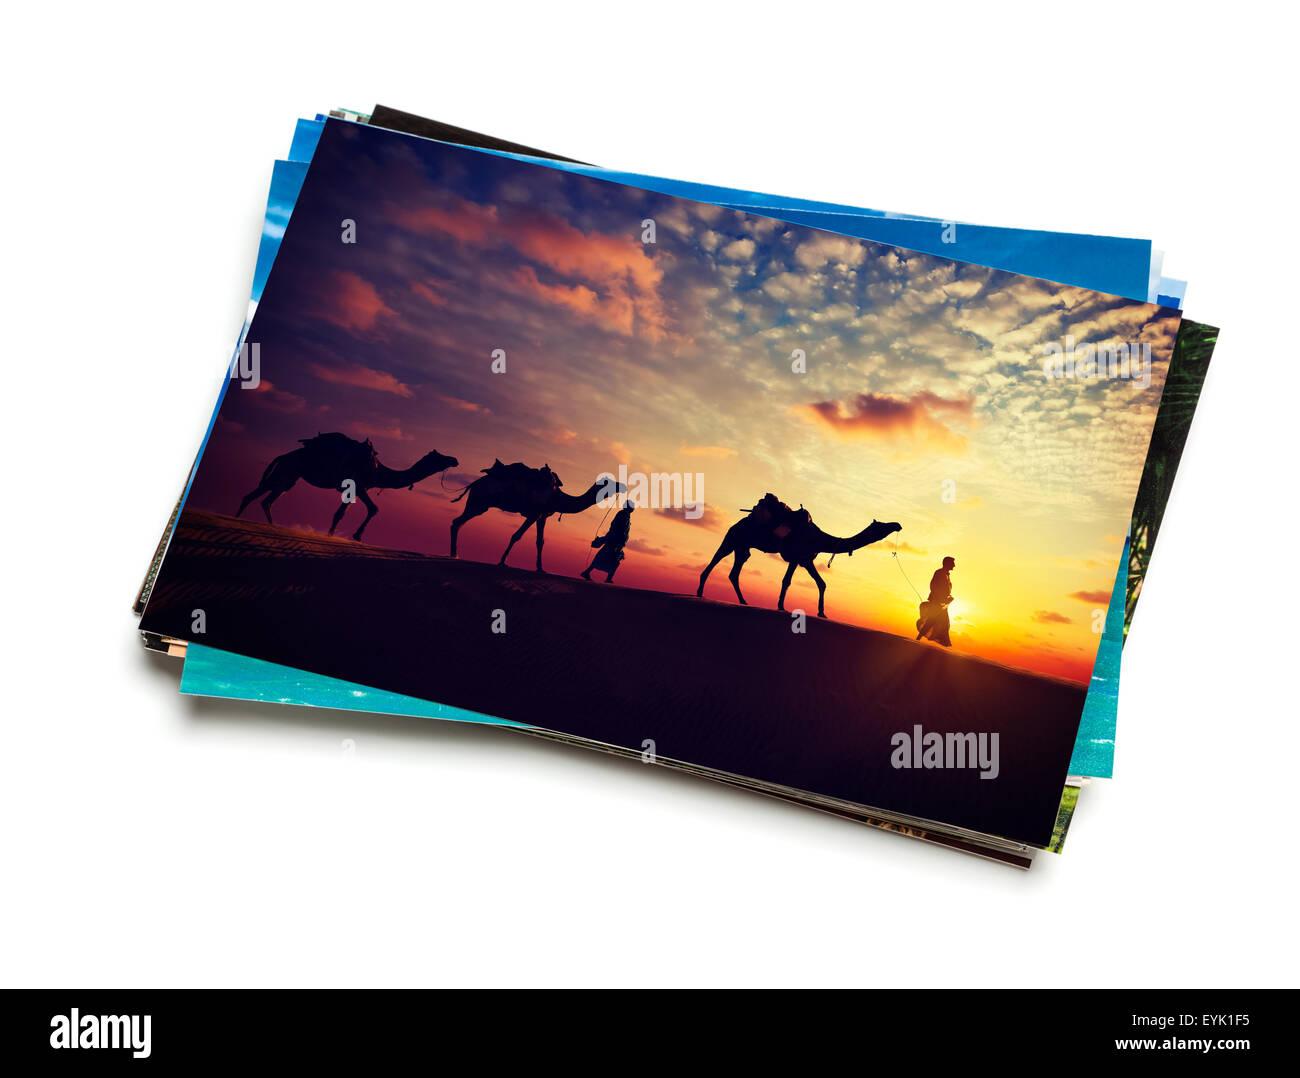 Holidays travel concept creative background - pile de photos de vacances avec caravane de chameaux soleil libre Photo Stock